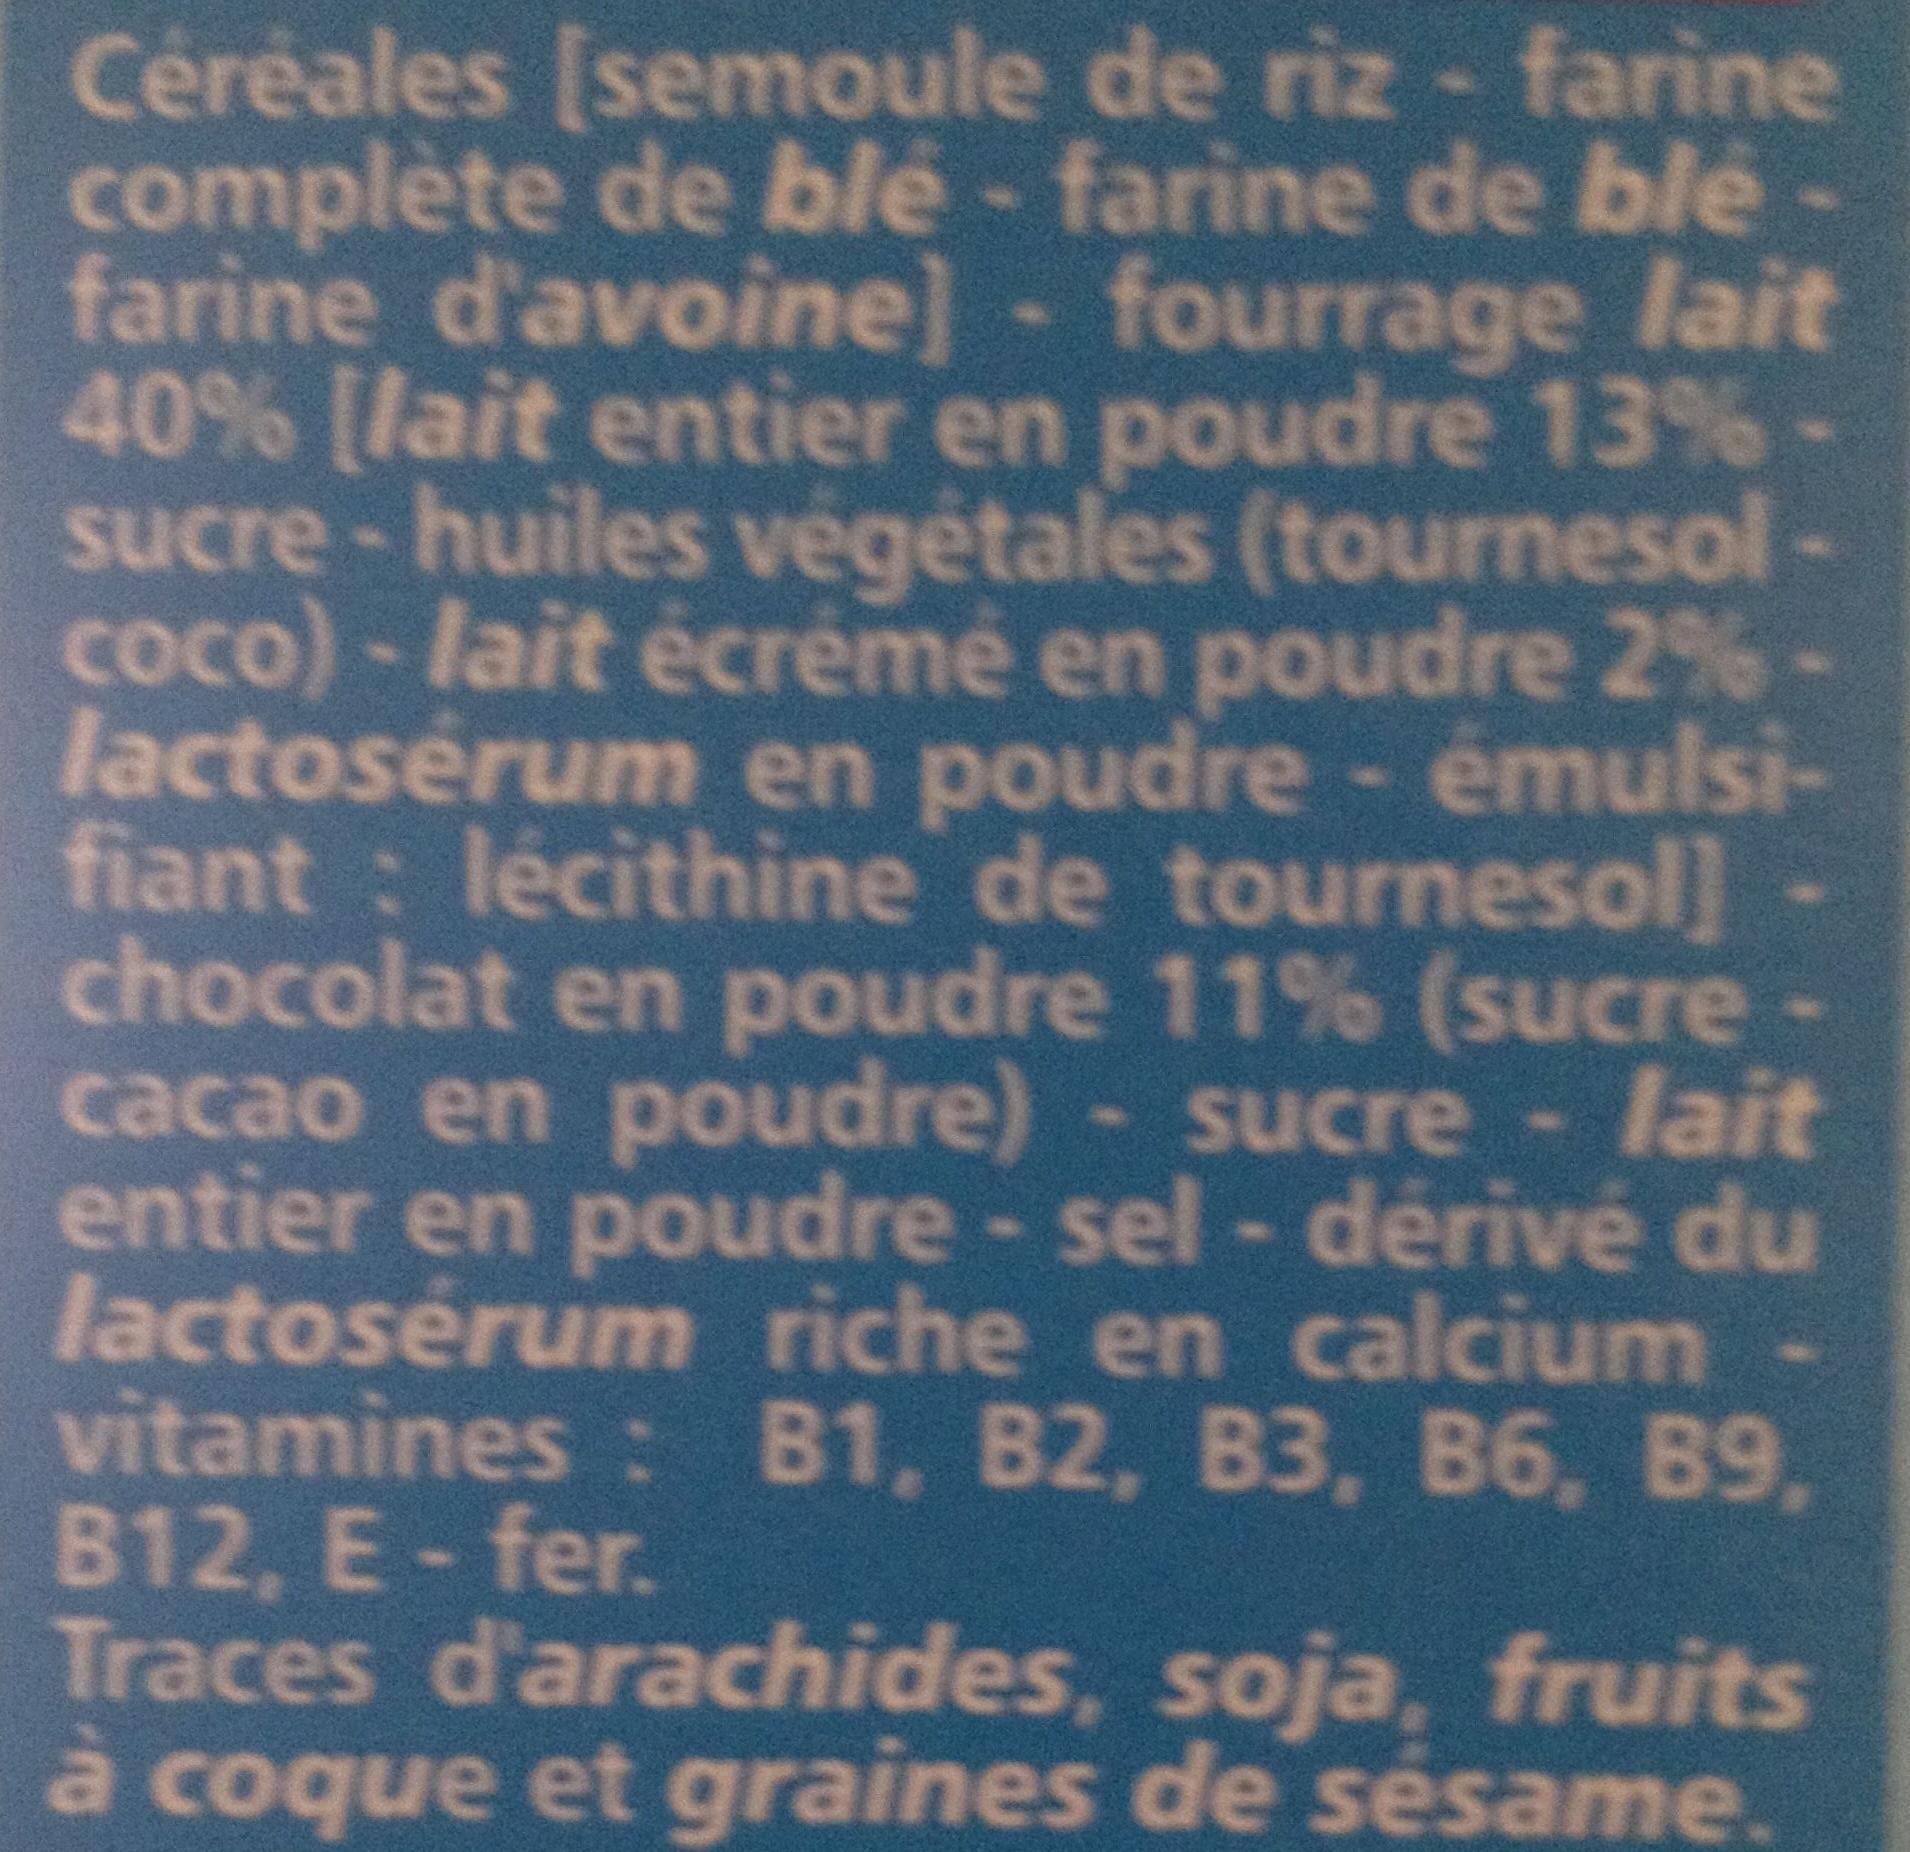 Fourés choc' coeur lait - Ingredients - fr